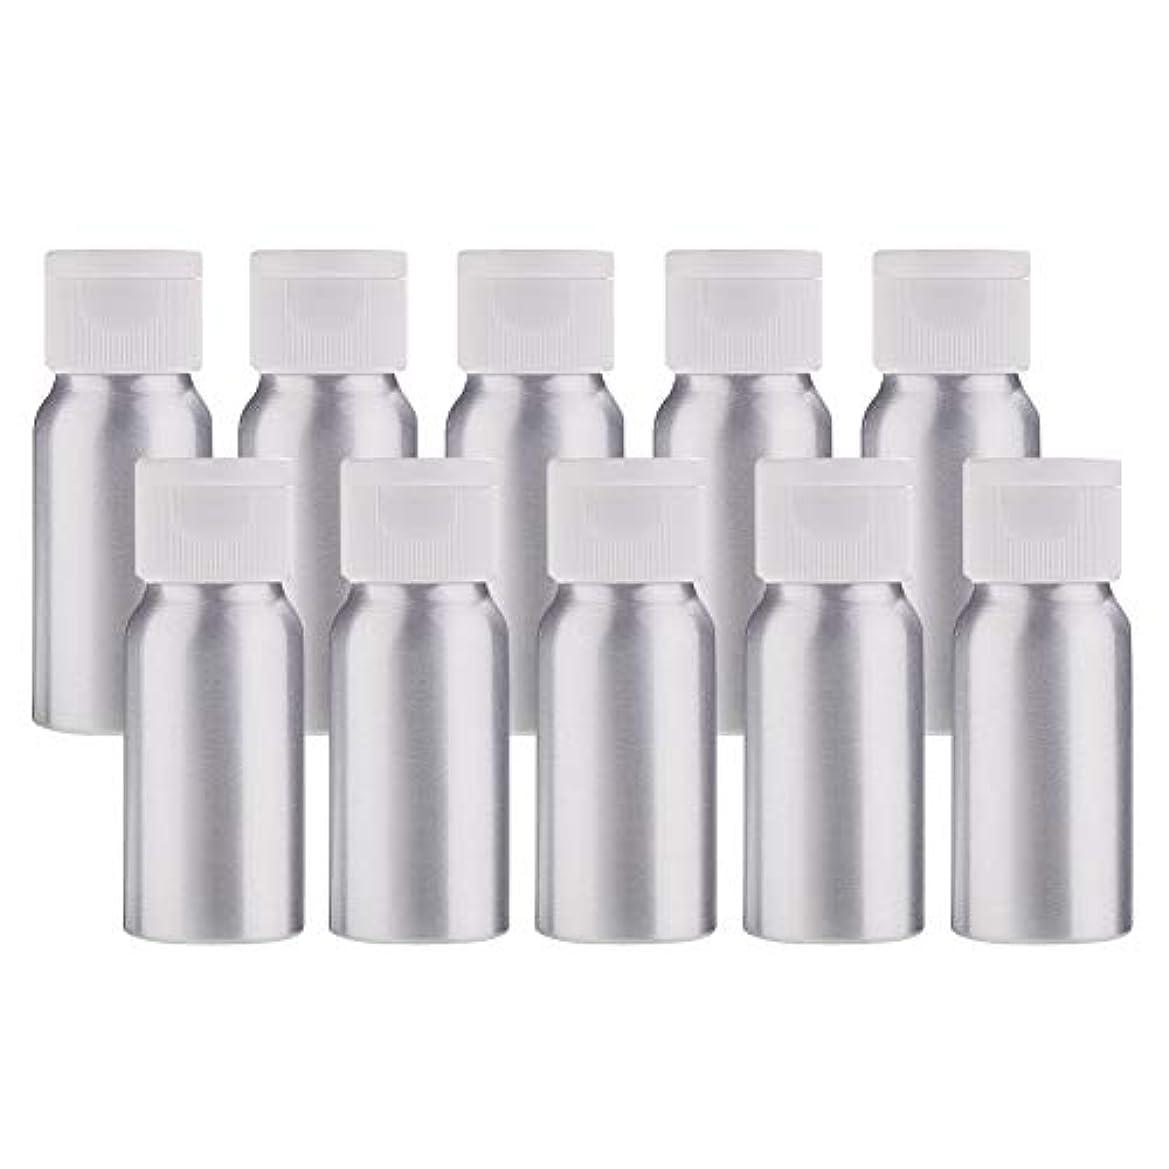 貢献する歩き回る予定BENECREAT 10個セット30mlアルミボトル フリップカバー空瓶 防錆 遮光 軽量 化粧品 アロマ 小分け 詰め替え 白いプラスチック蓋